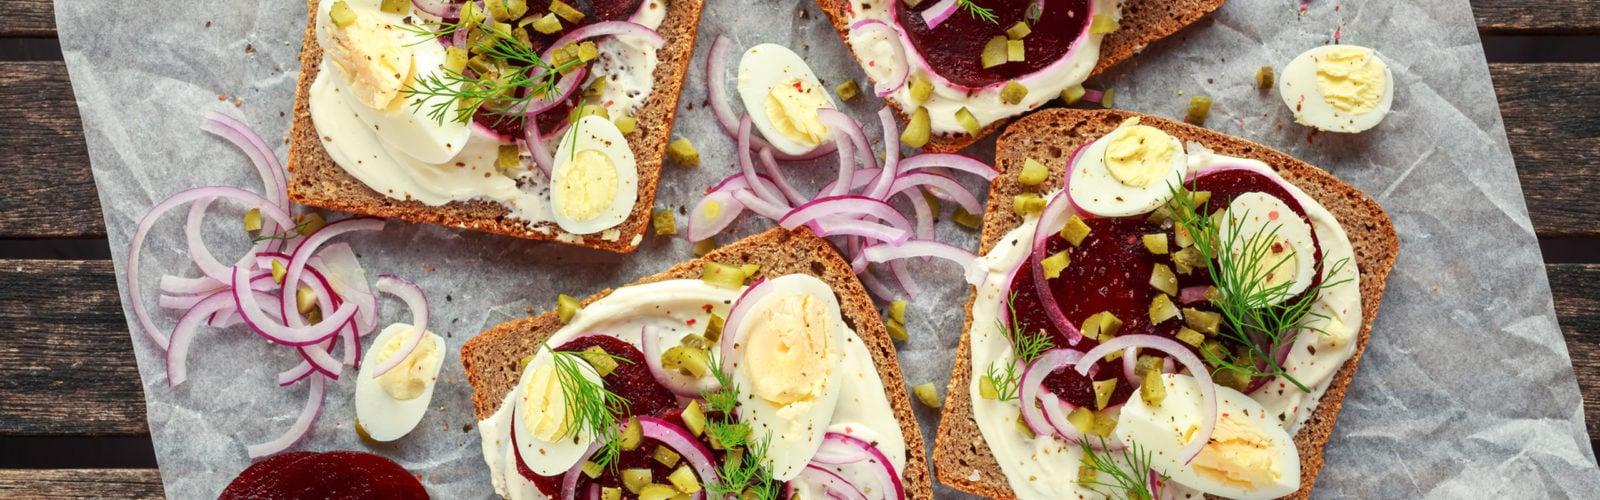 denmark-open-faced-sandwich